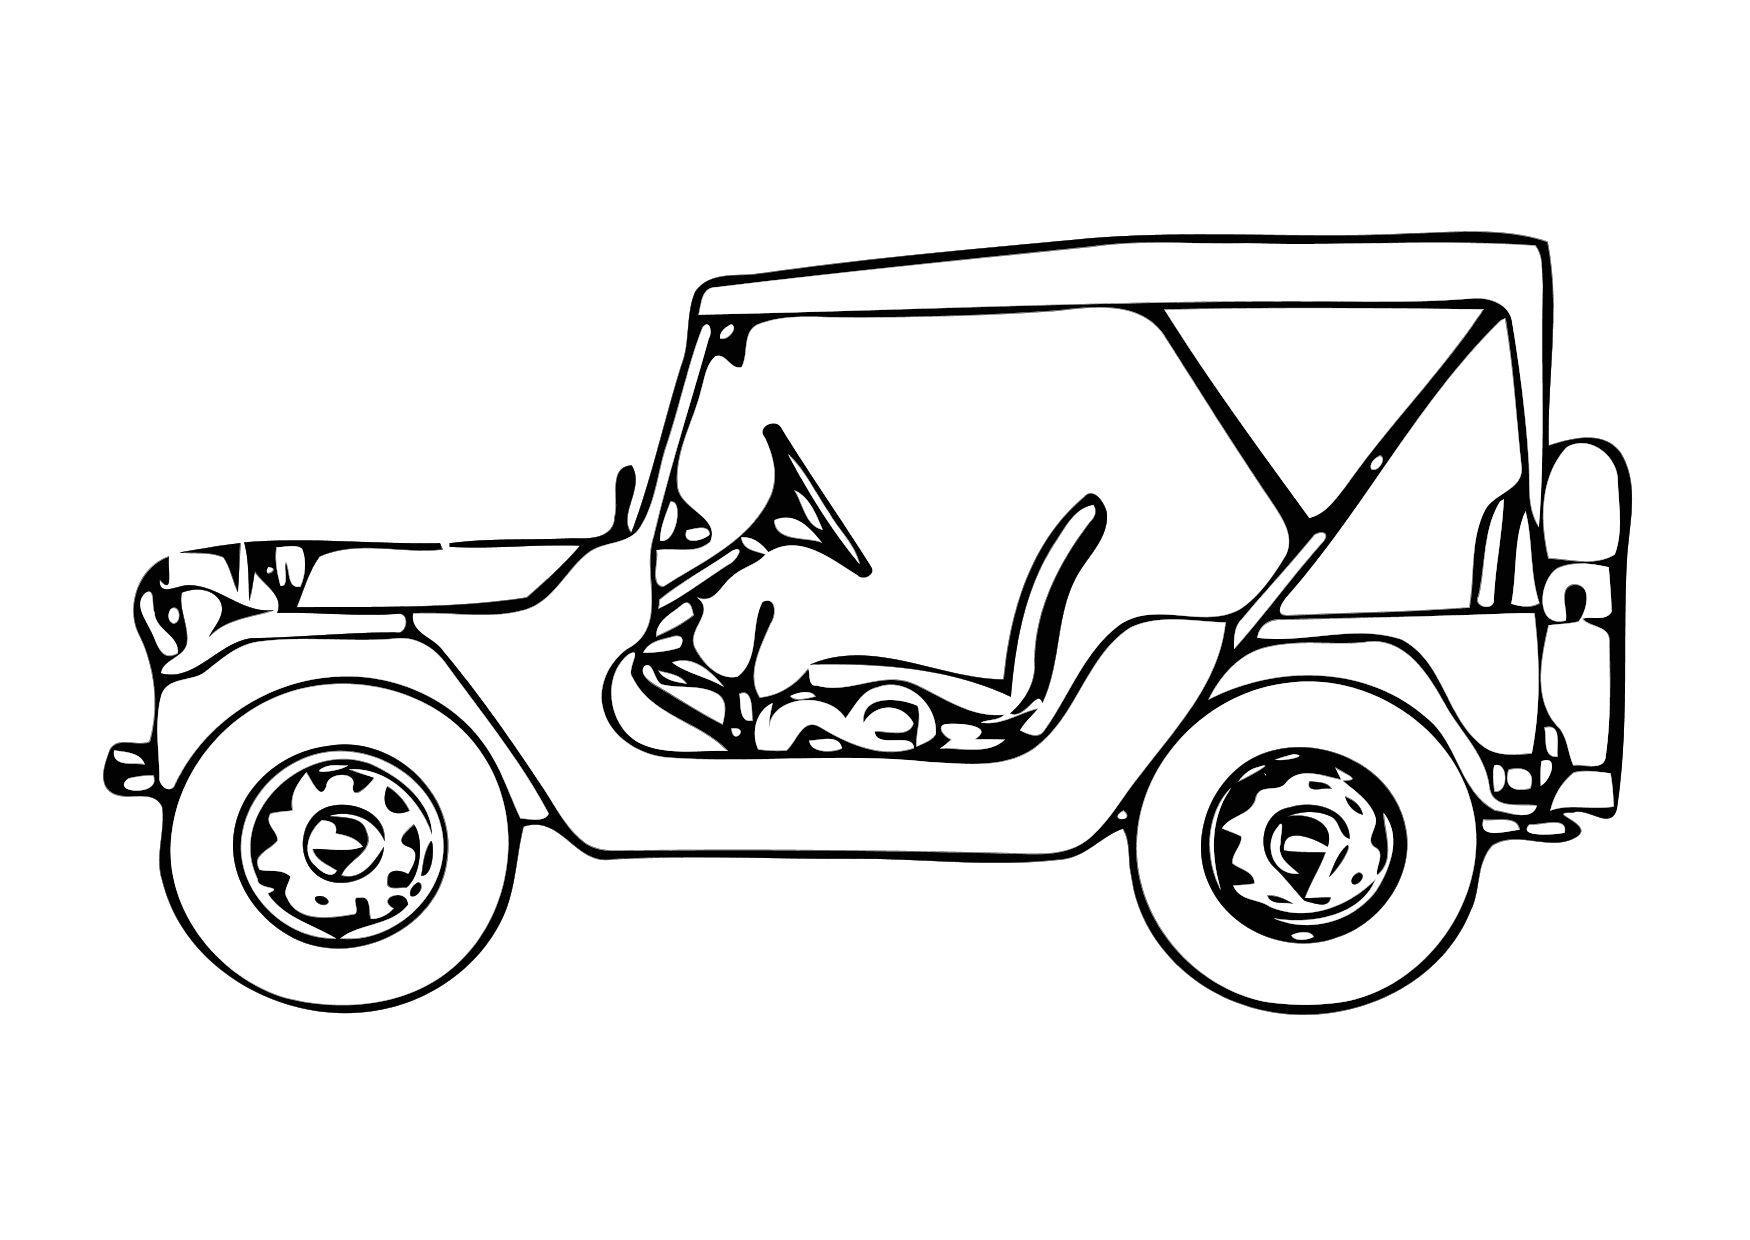 Malvorlage Jeep - Kostenlose Ausmalbilder Zum Ausdrucken - Bild 10.